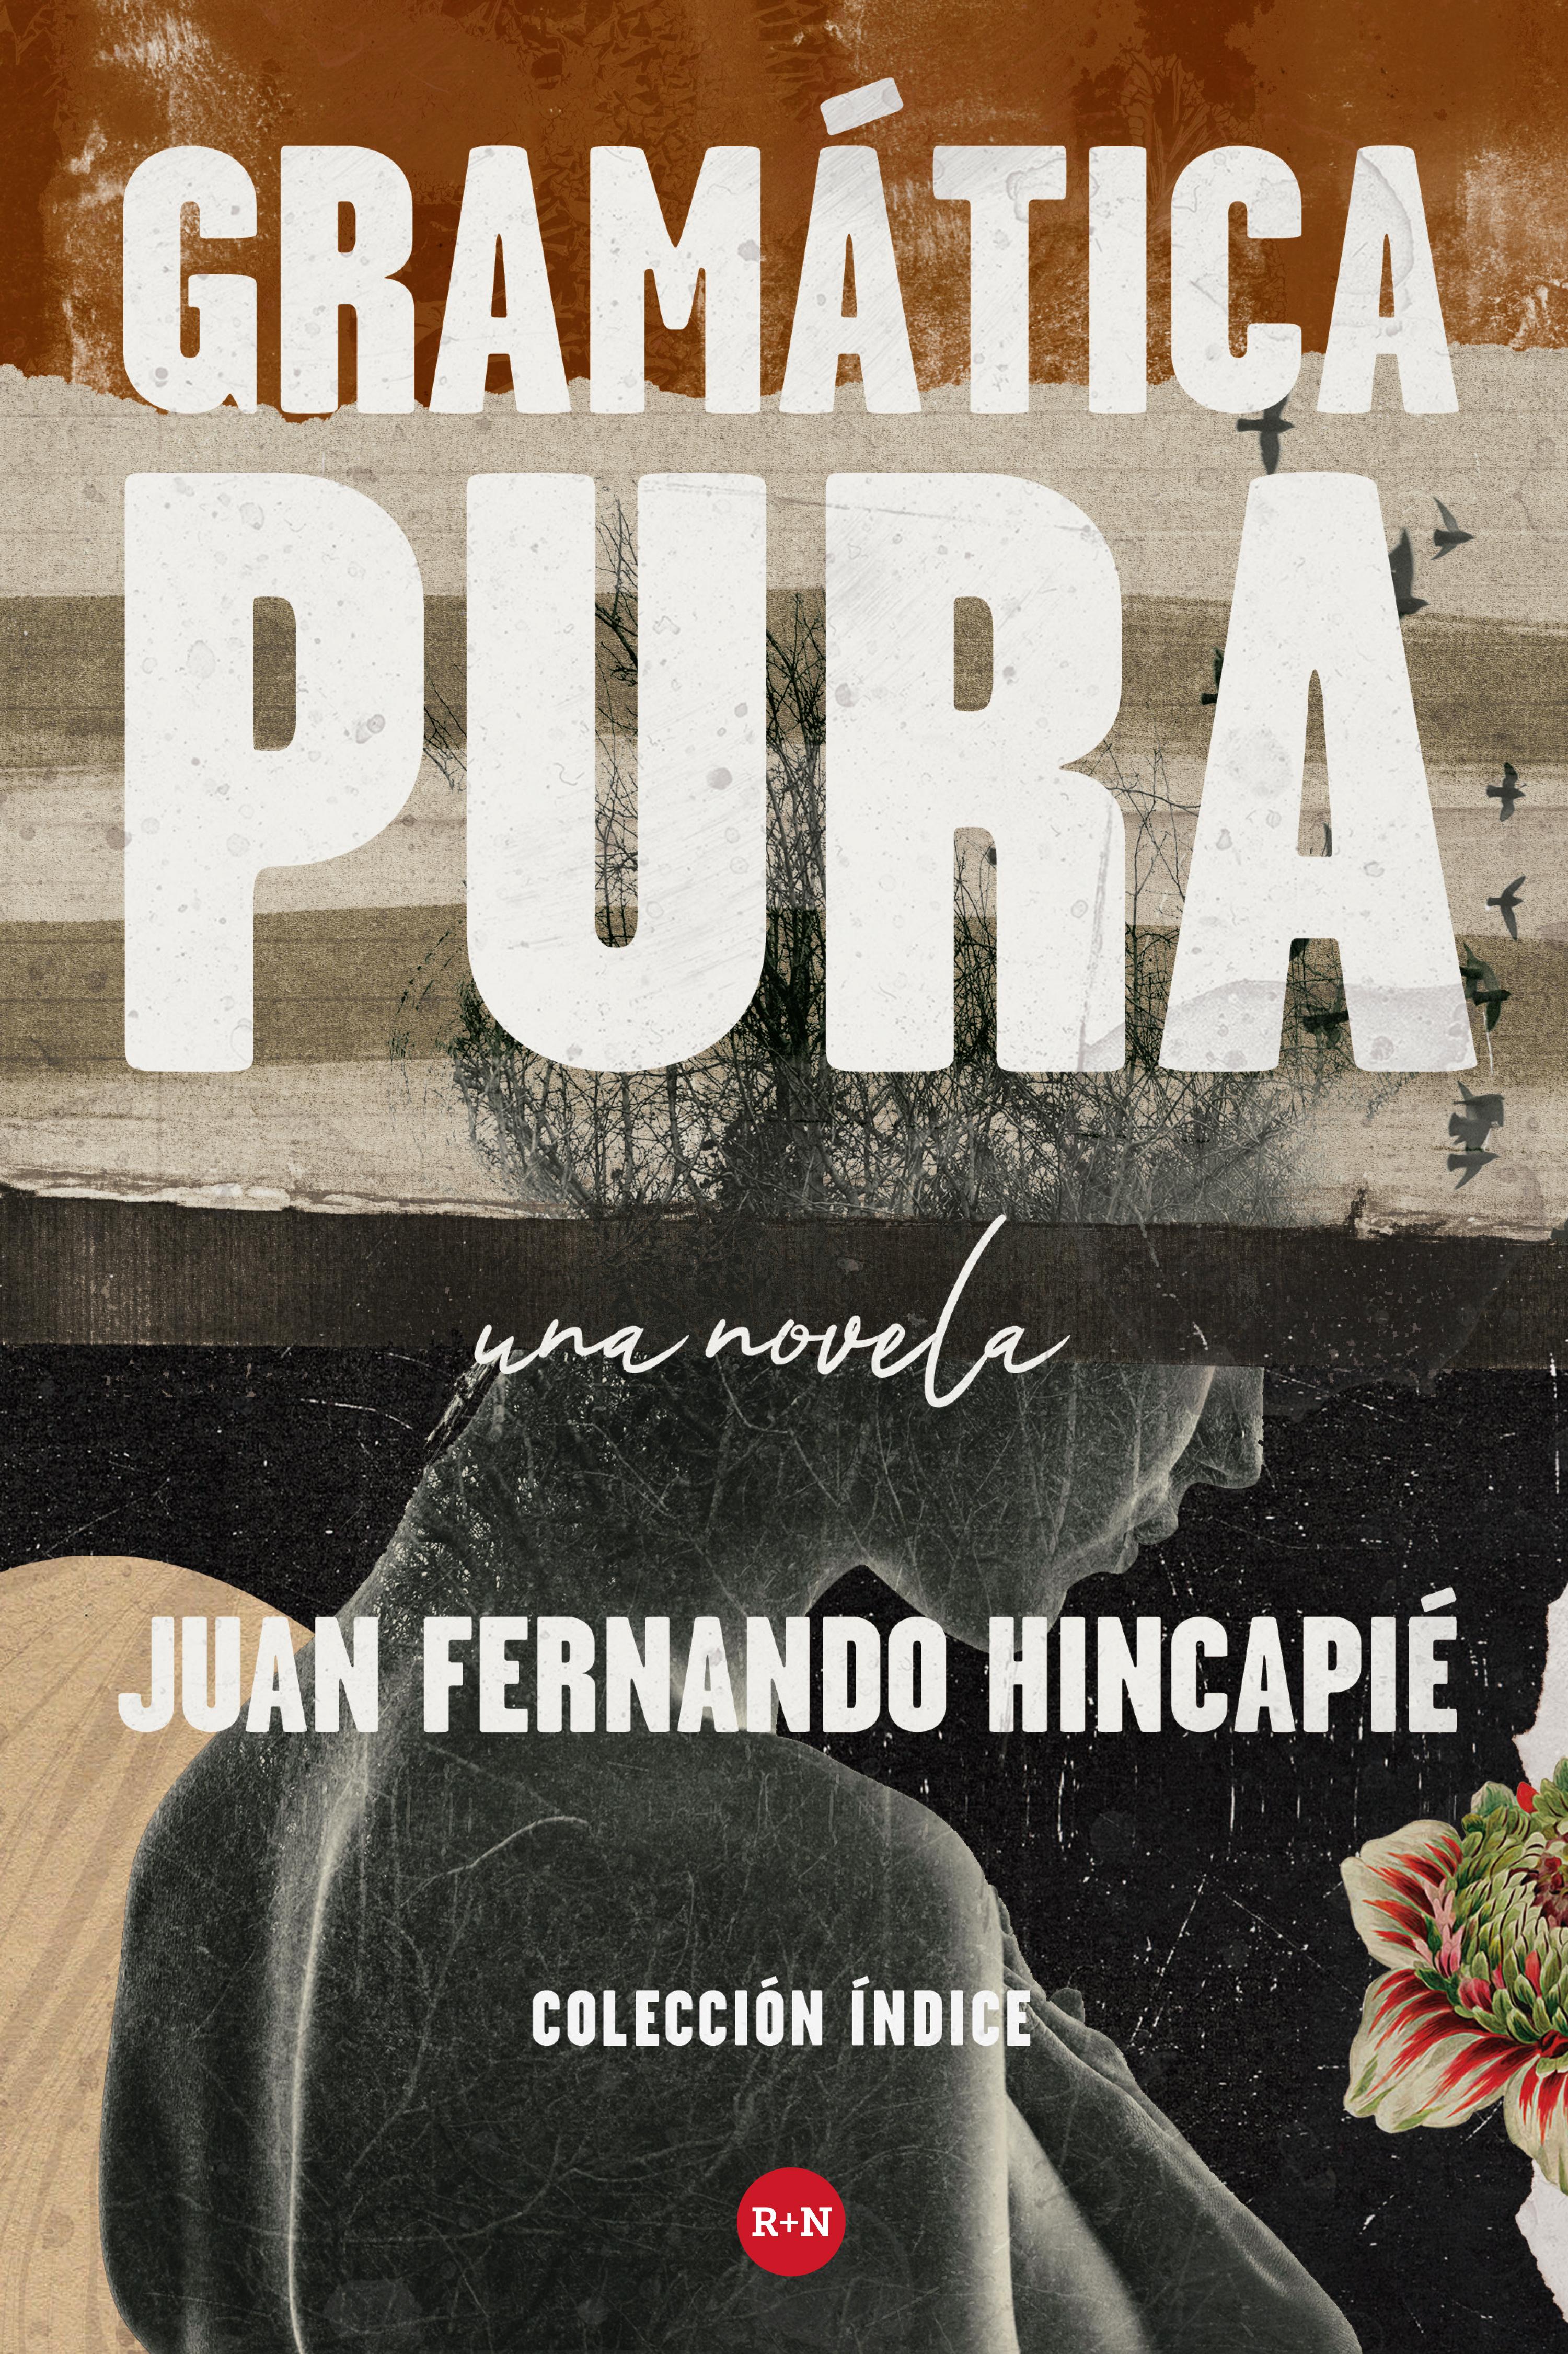 Juan Fernando Hincapié Gramática pura concepcion gonzalez una nueva vida